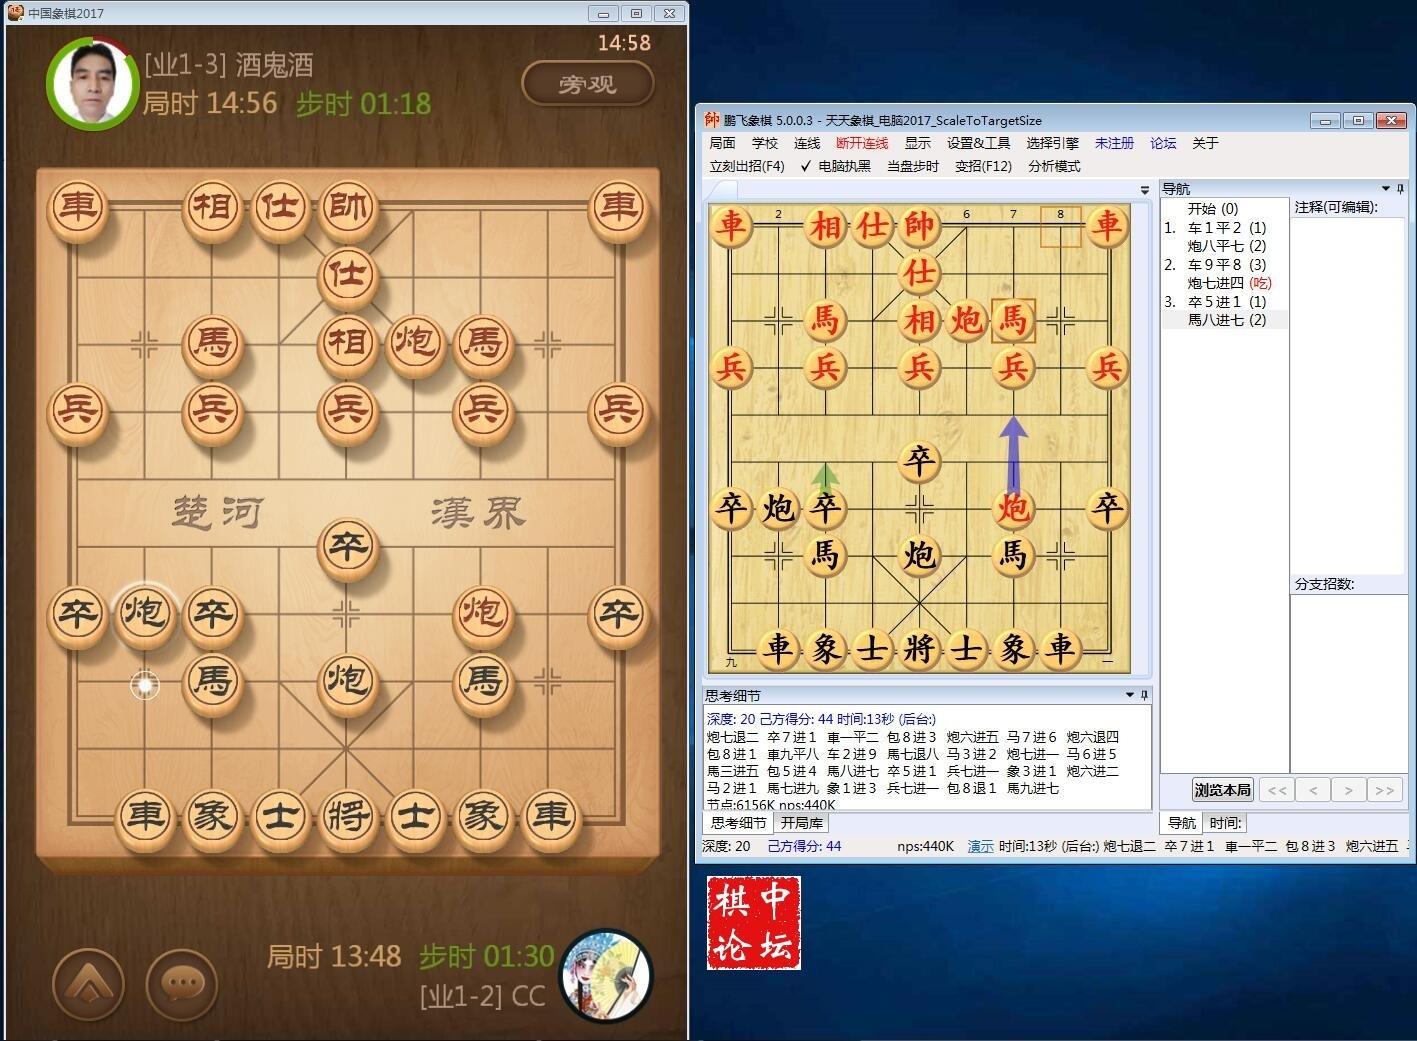 鹏飞象棋 5.0永久免费试用版可稳定连线天天象棋自动下载